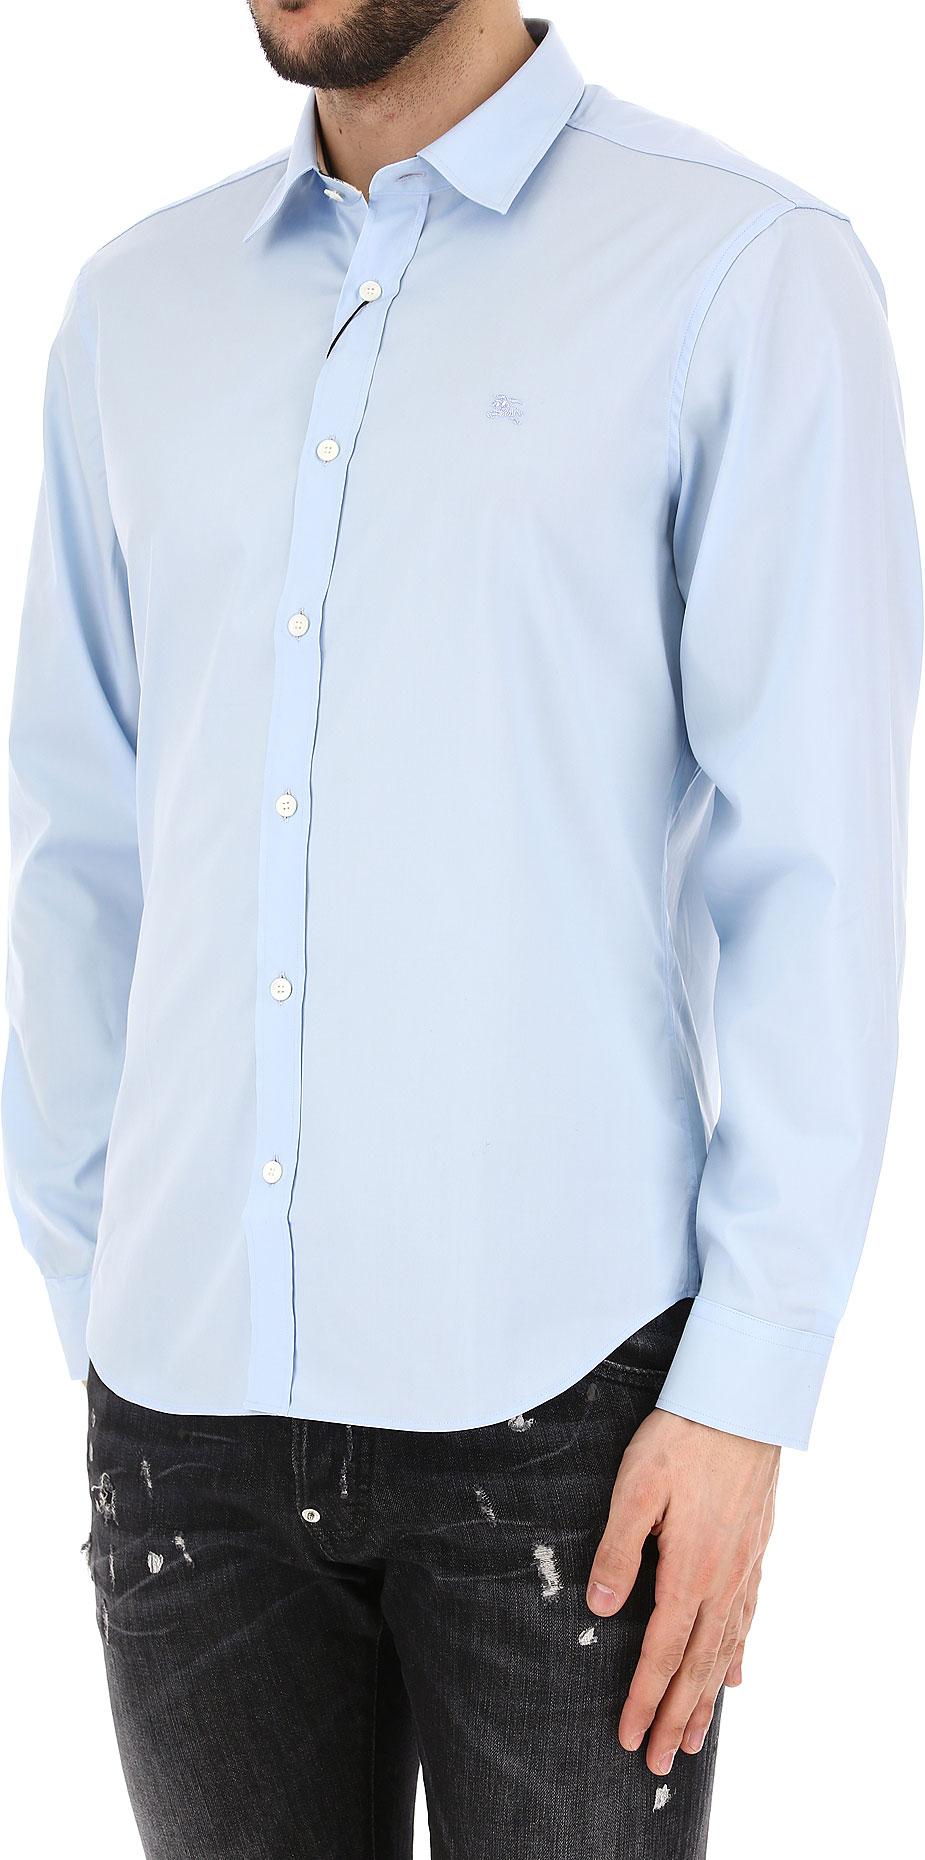 Abbigliamento Uomo Burberry Codice Articolo 3991160-1001-paleblue